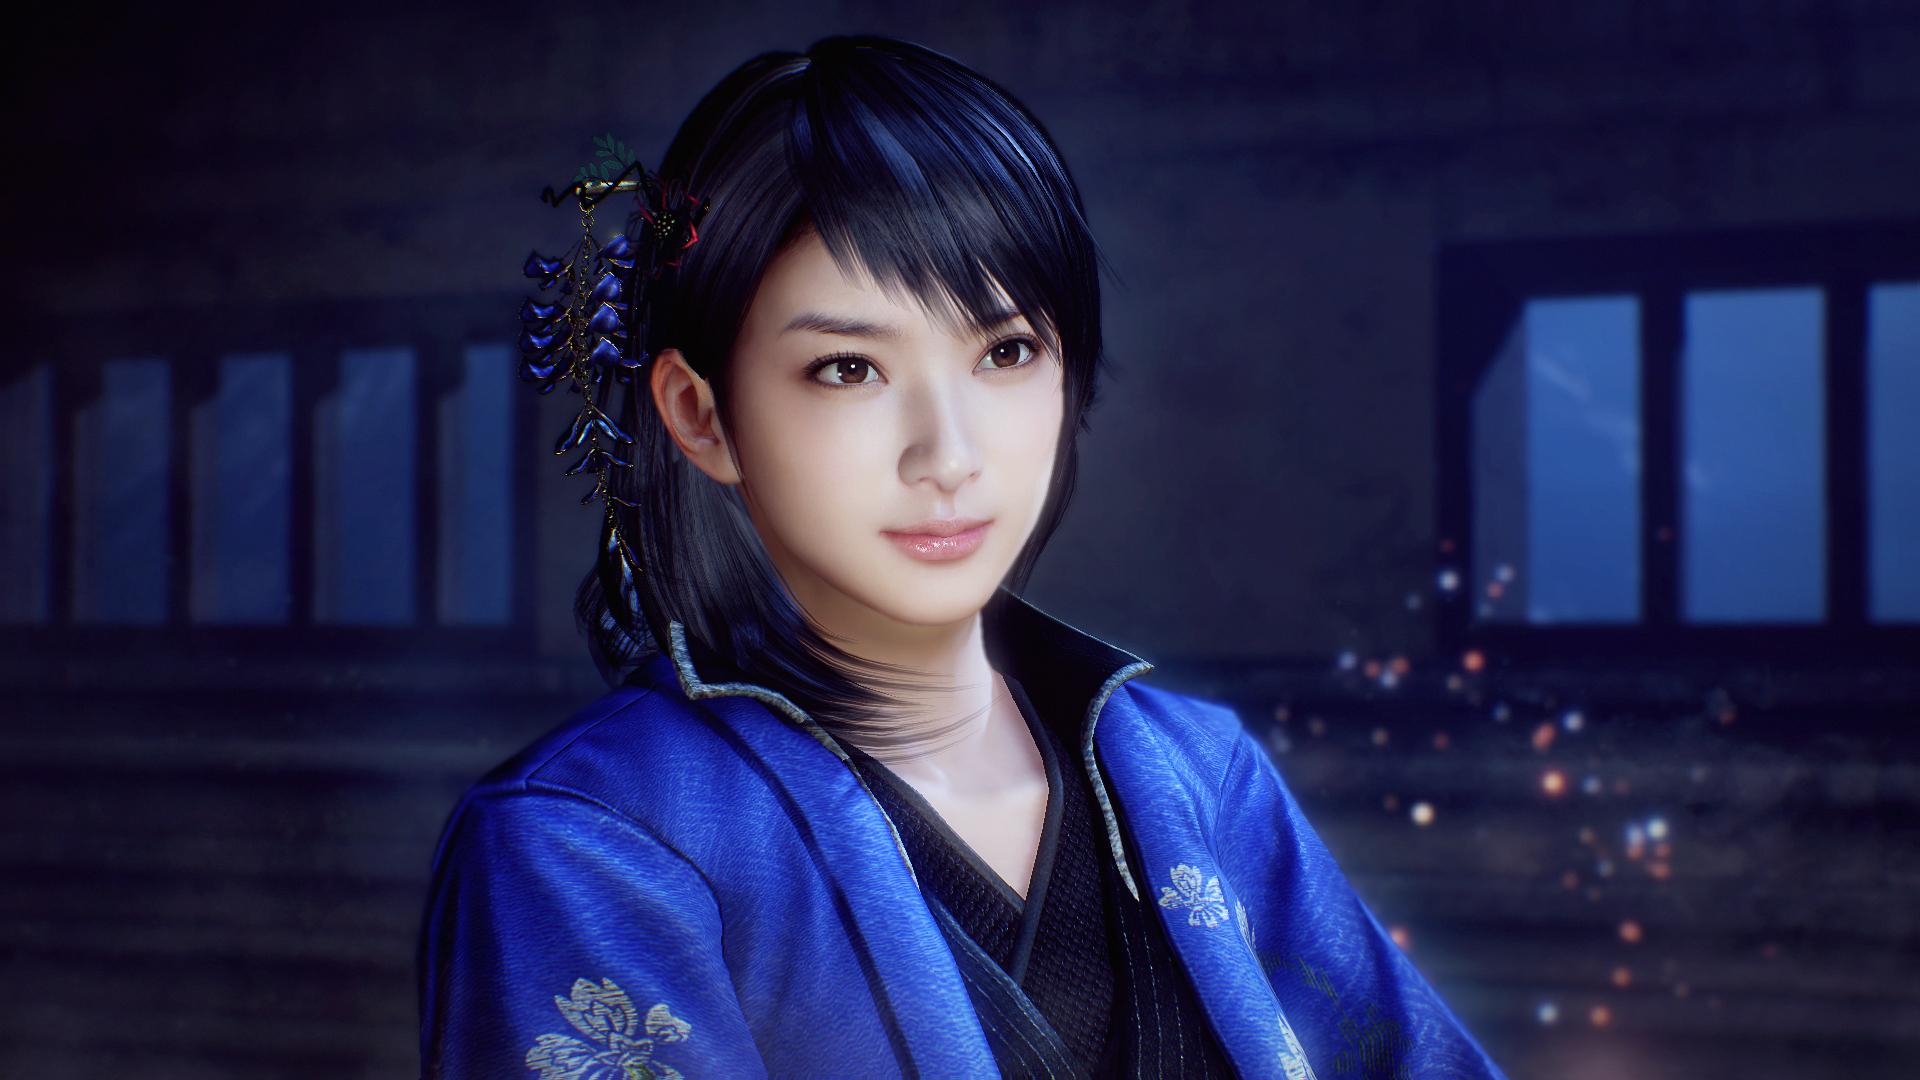 『仁王』ゲーム画面